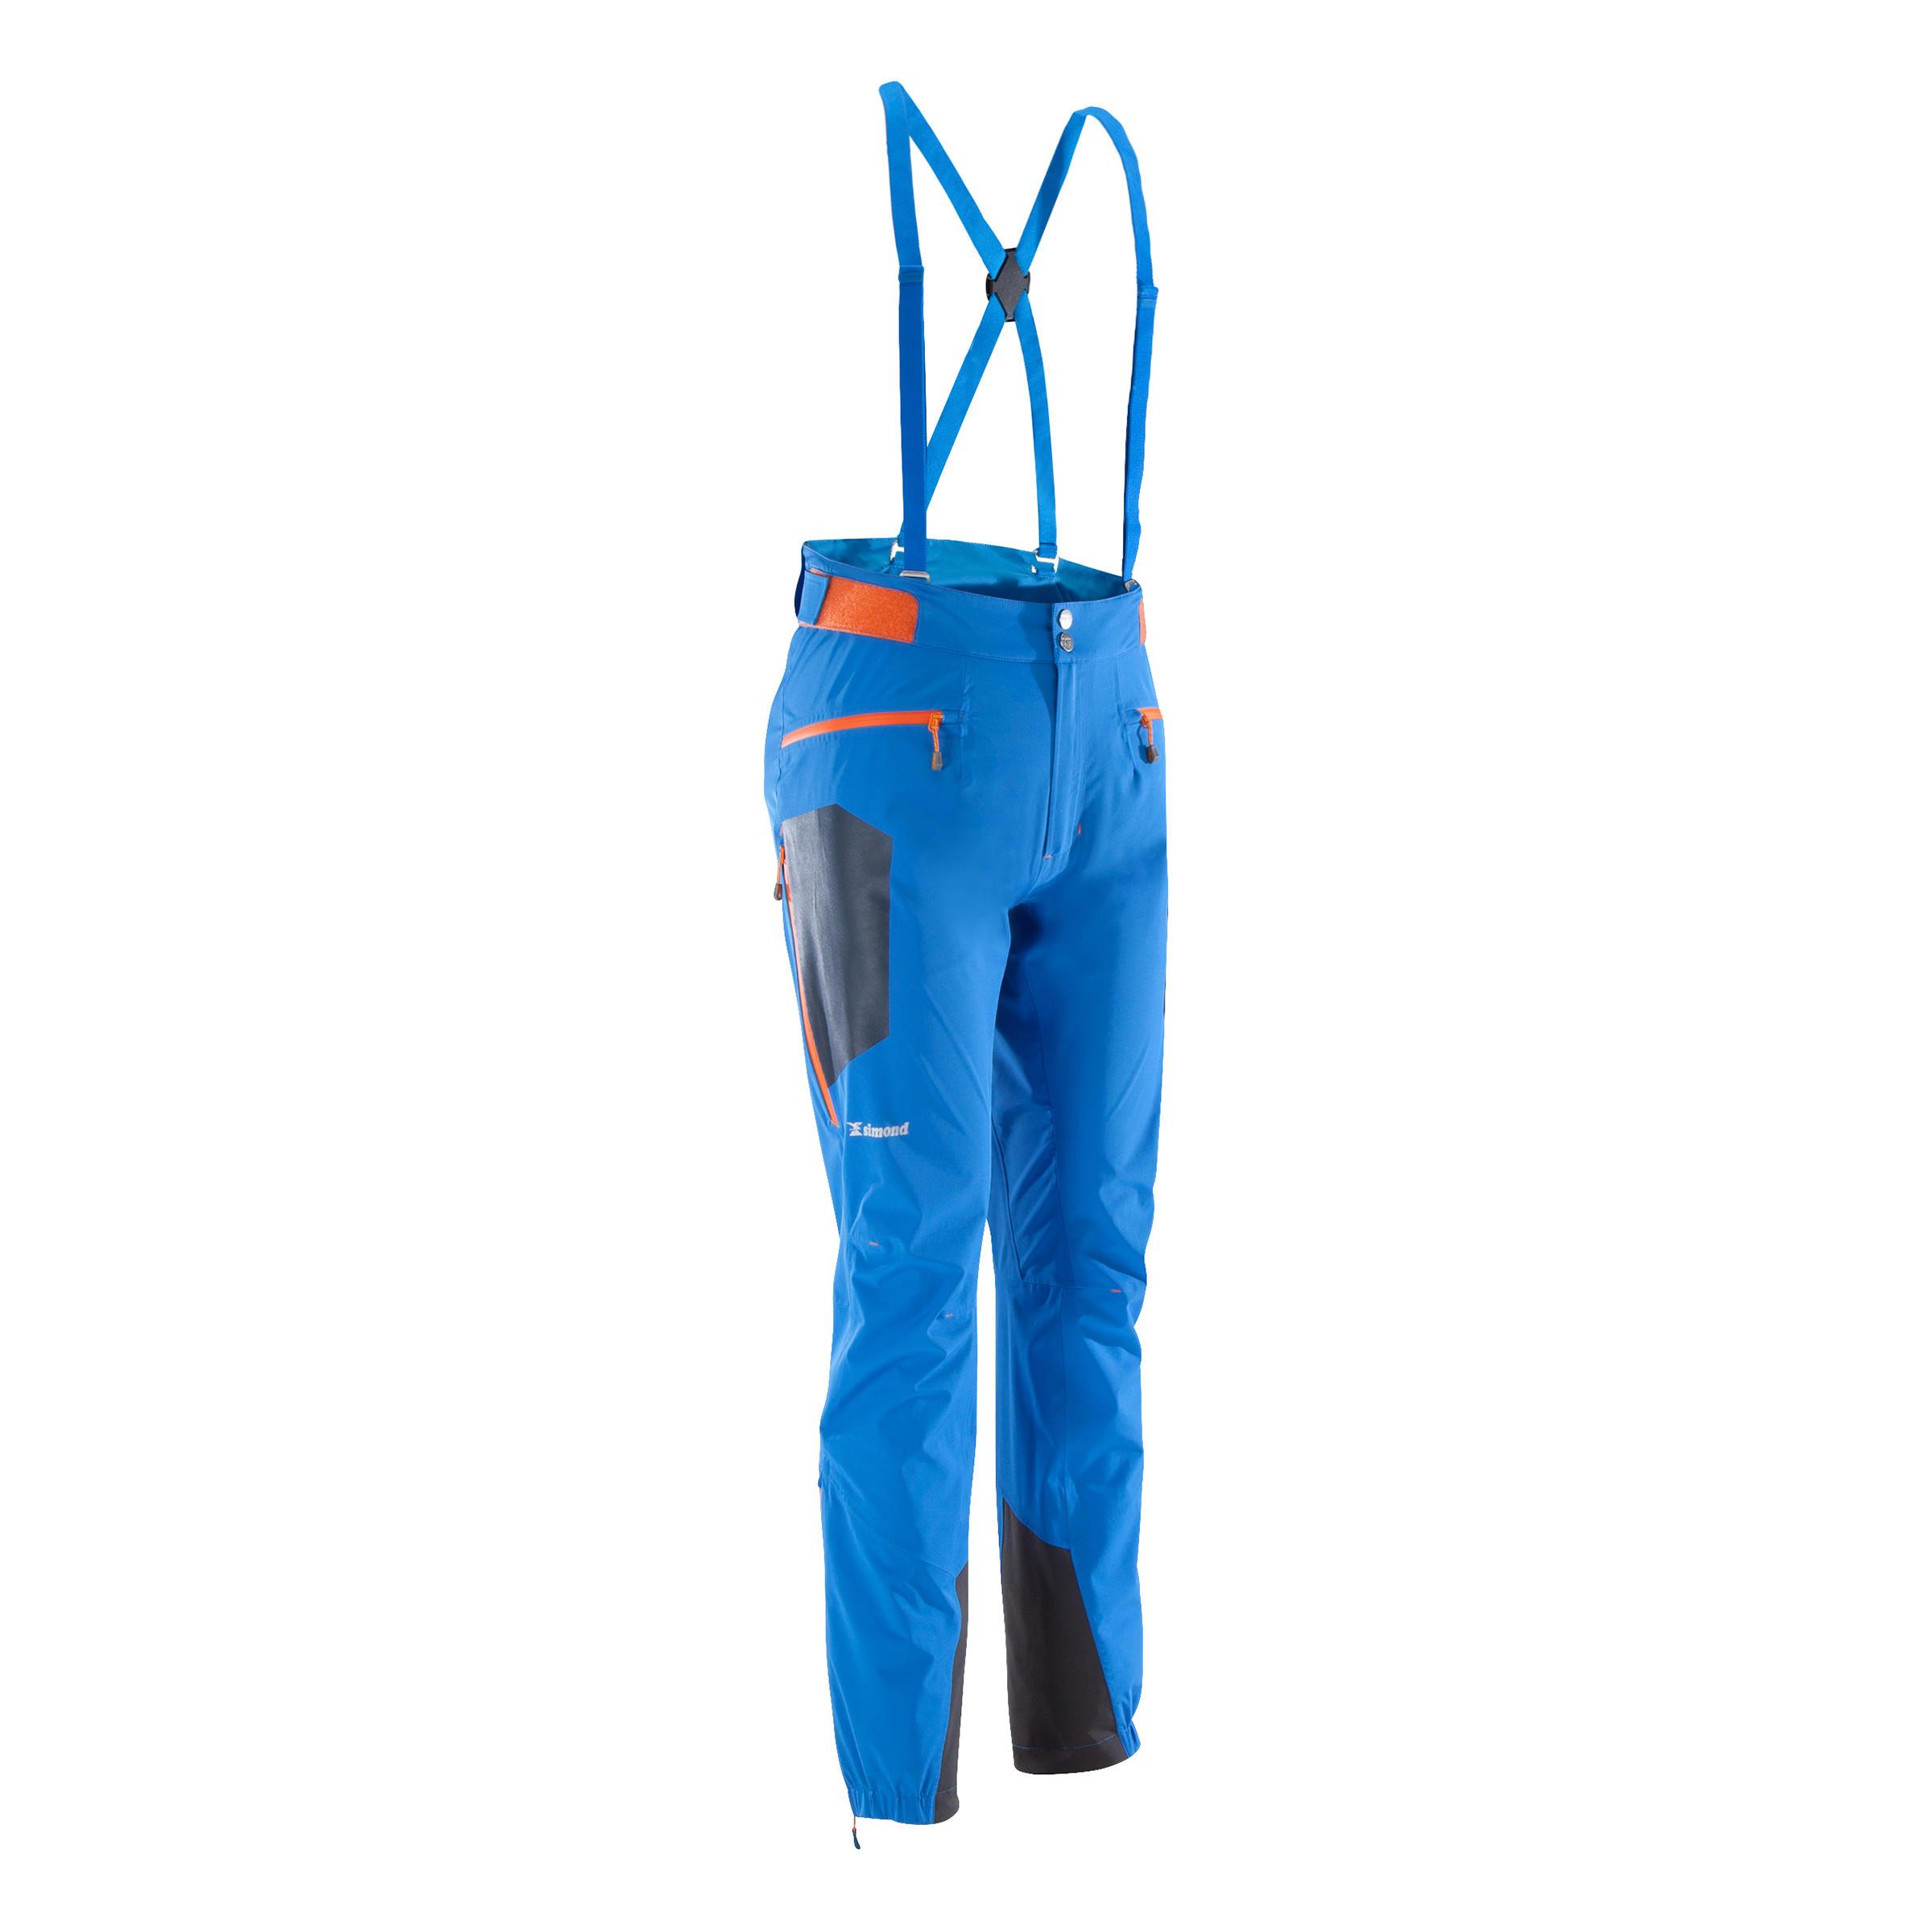 Pantalón de alpinismo CASCADE 2 Hombre AZUL